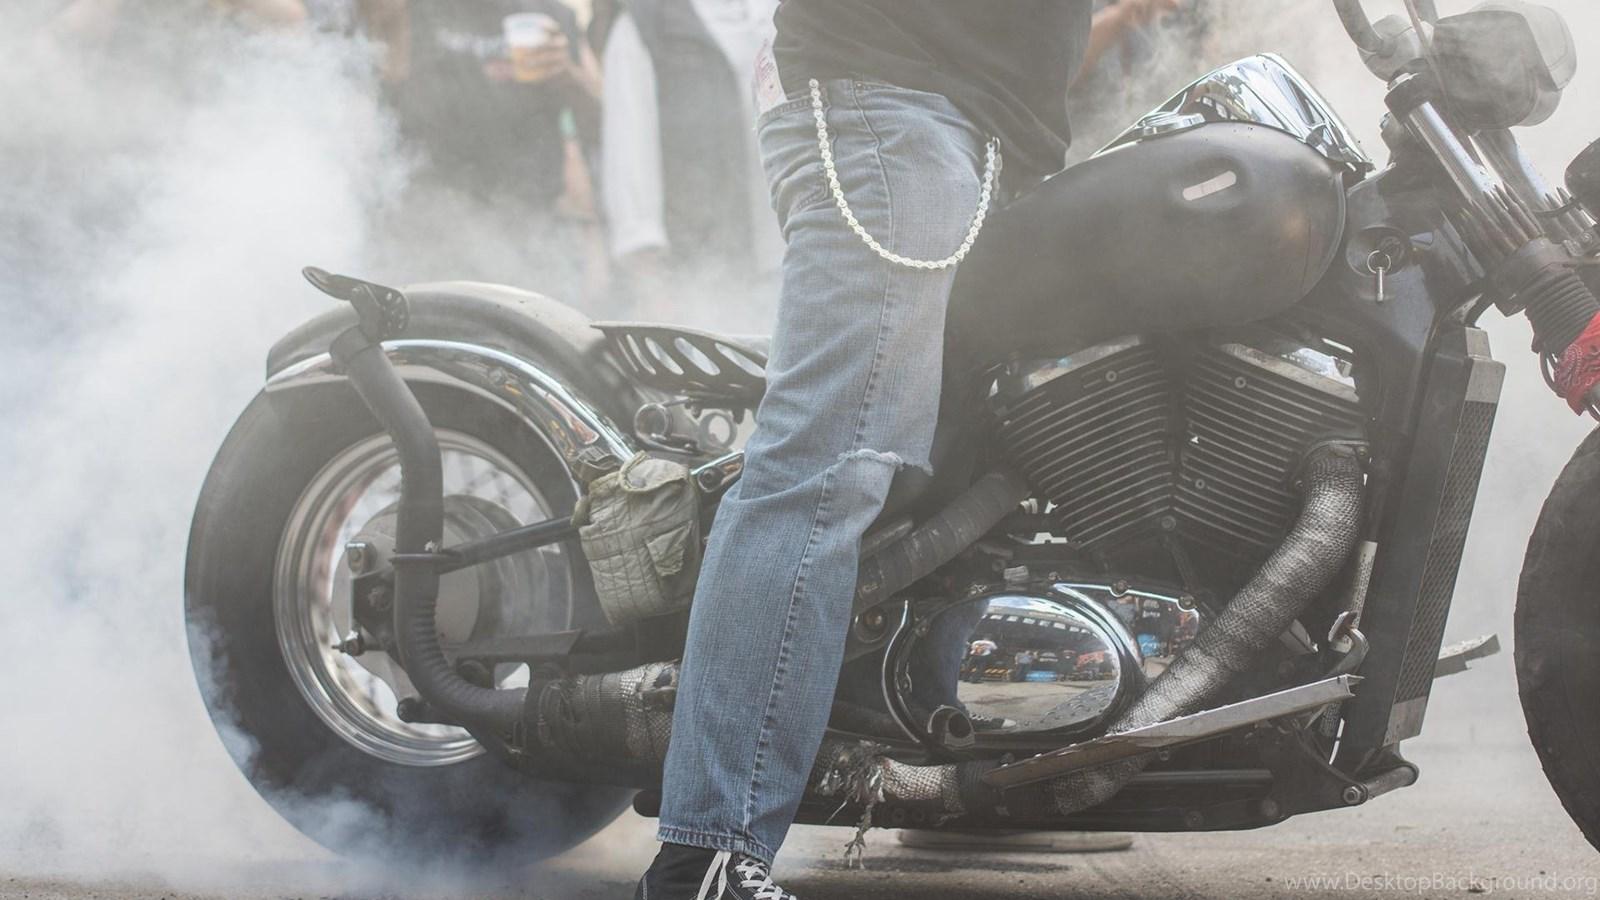 Smoky Burnout on a custom Bobber